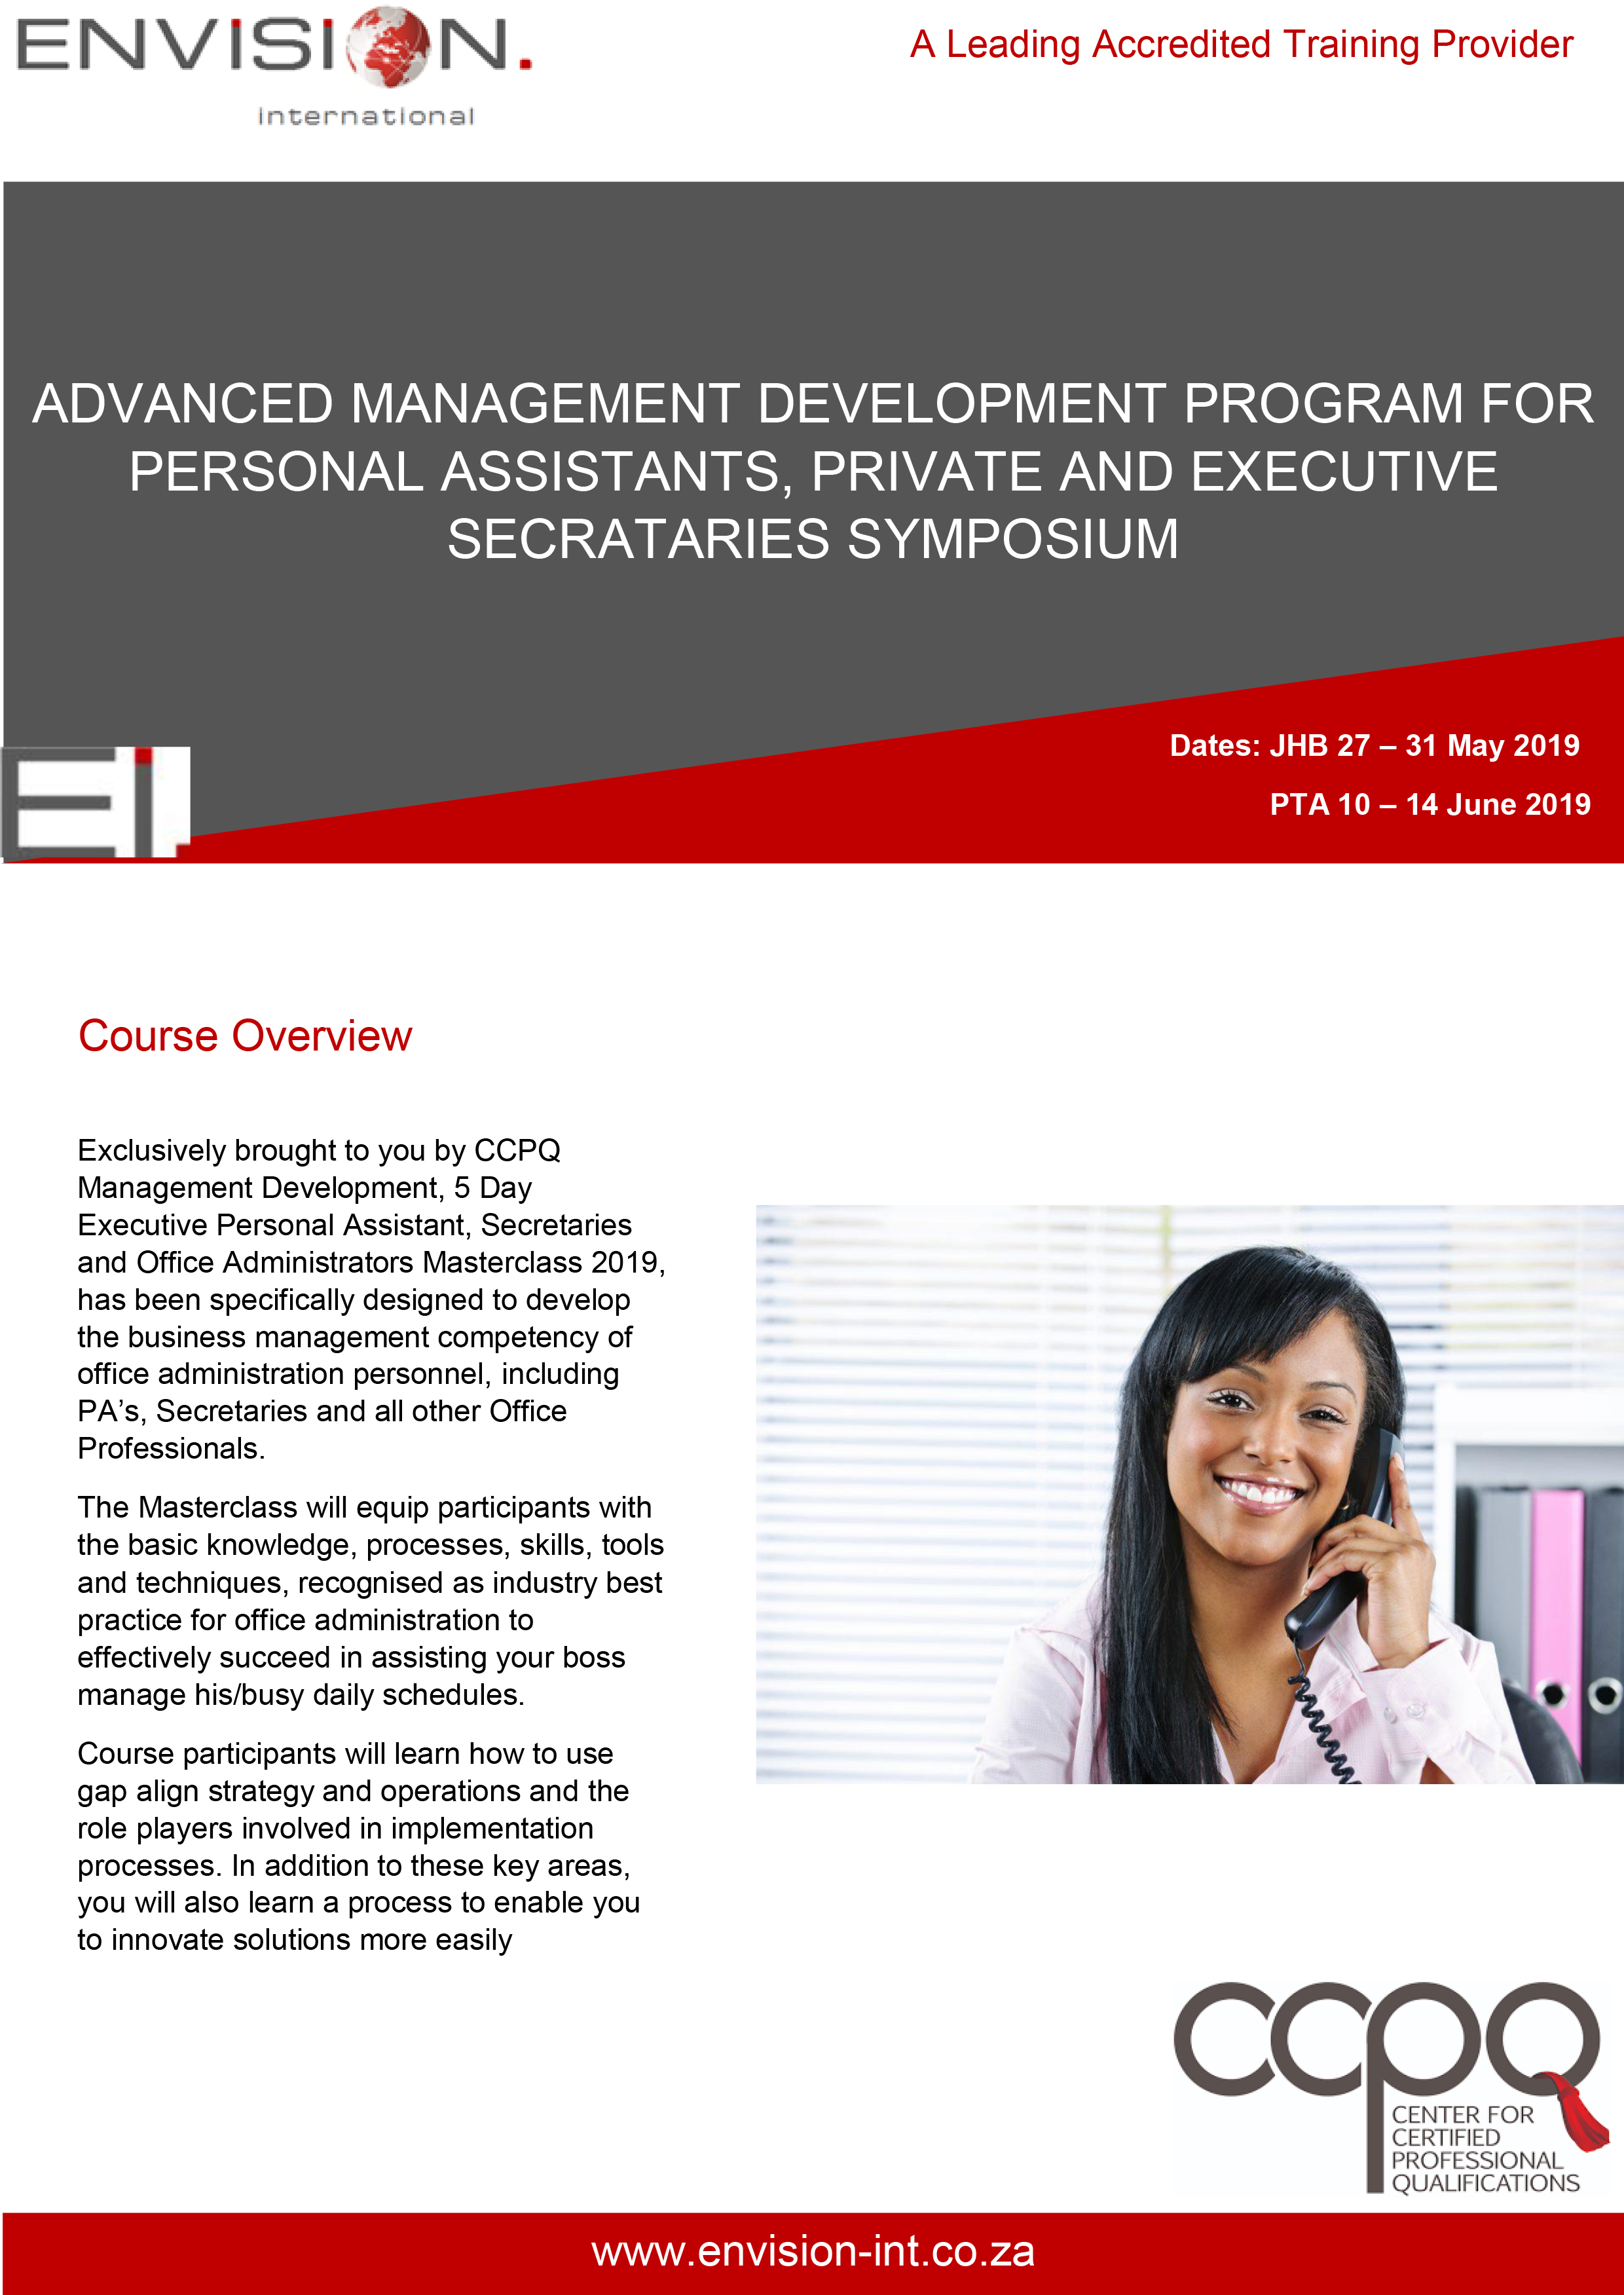 ei_managementdevelopment-1